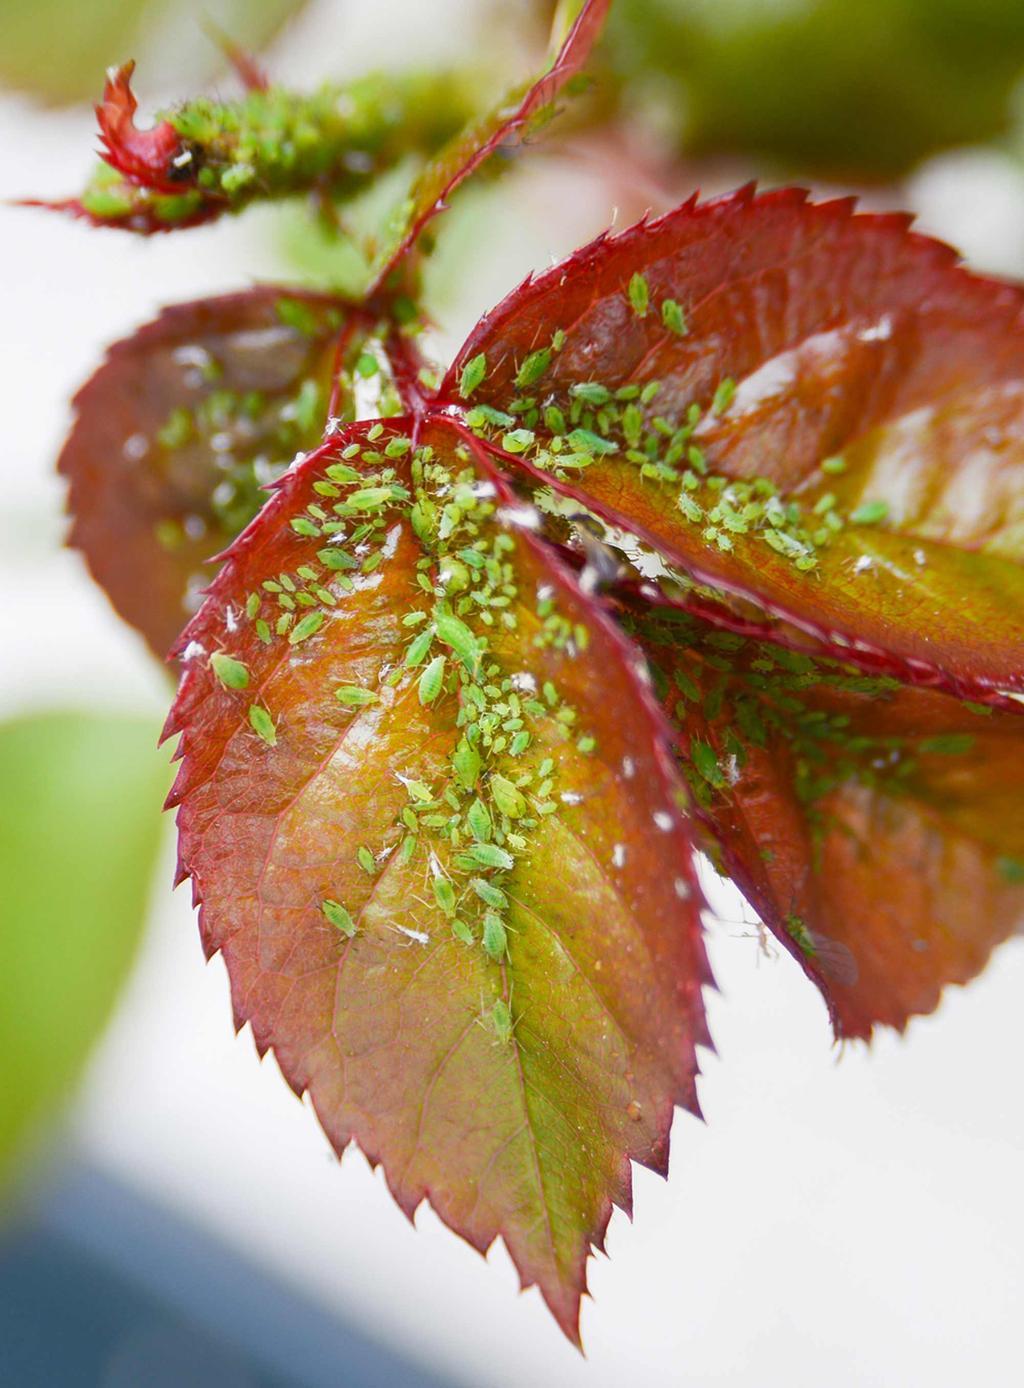 groene luizen op een rood verkleurd blad